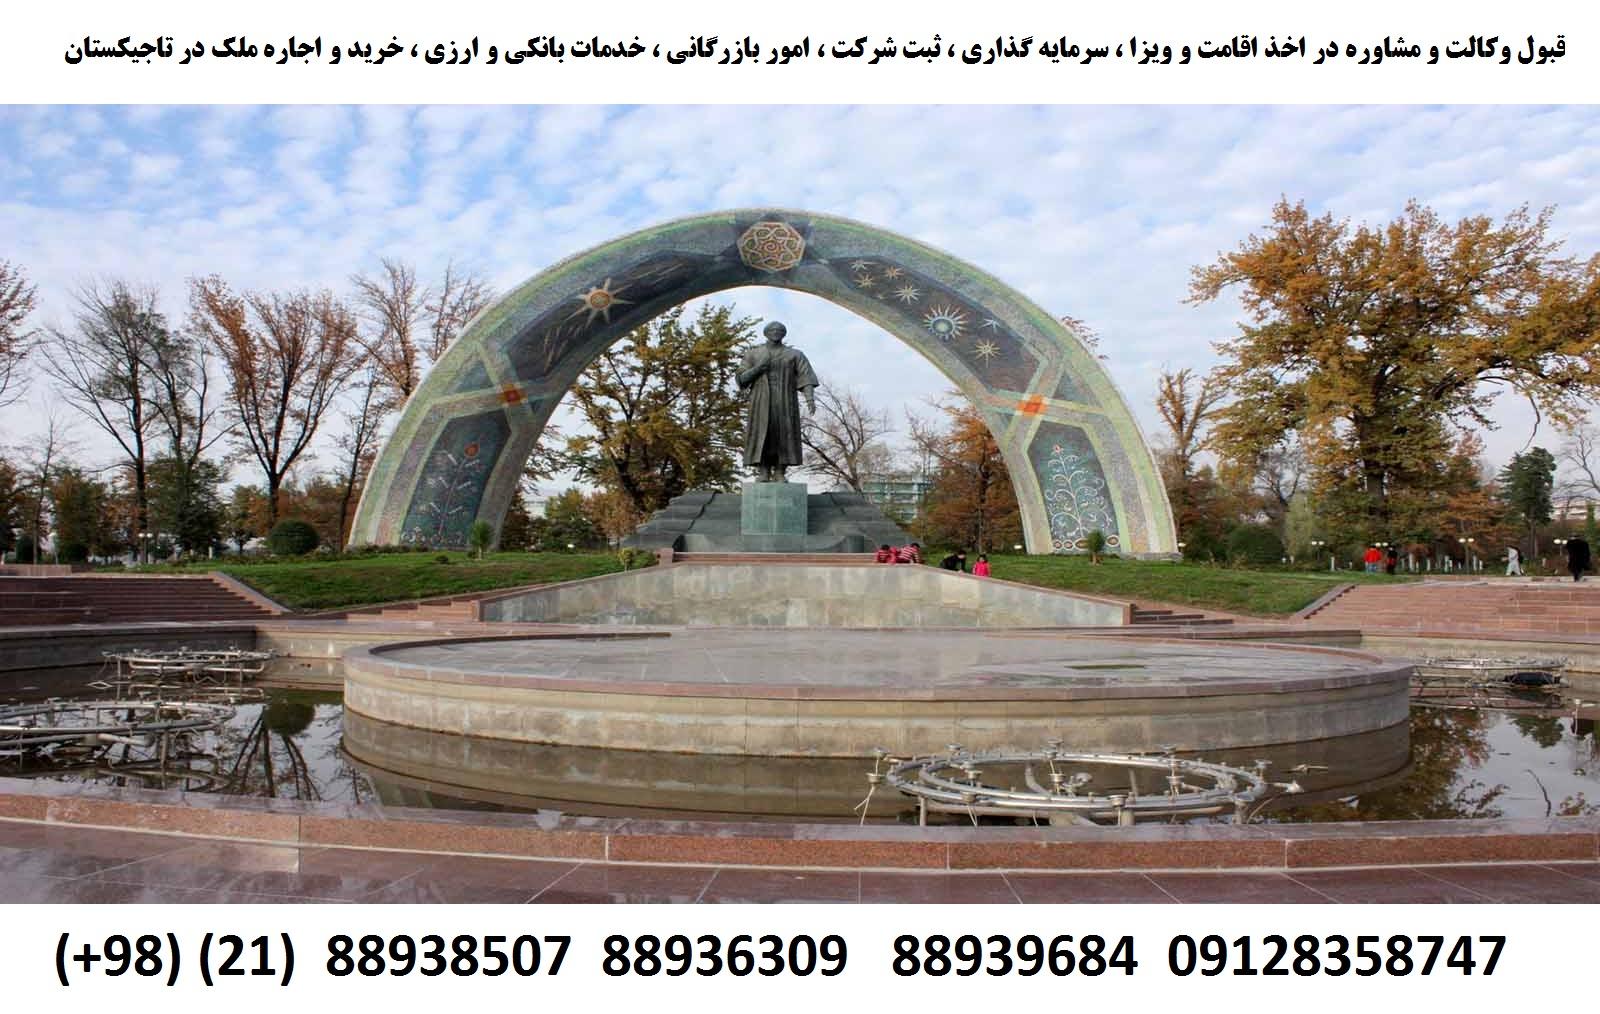 اقامت ، ویزا ، ثبت شرکت ، سرمایه گذاری در تاجیکستان (7)